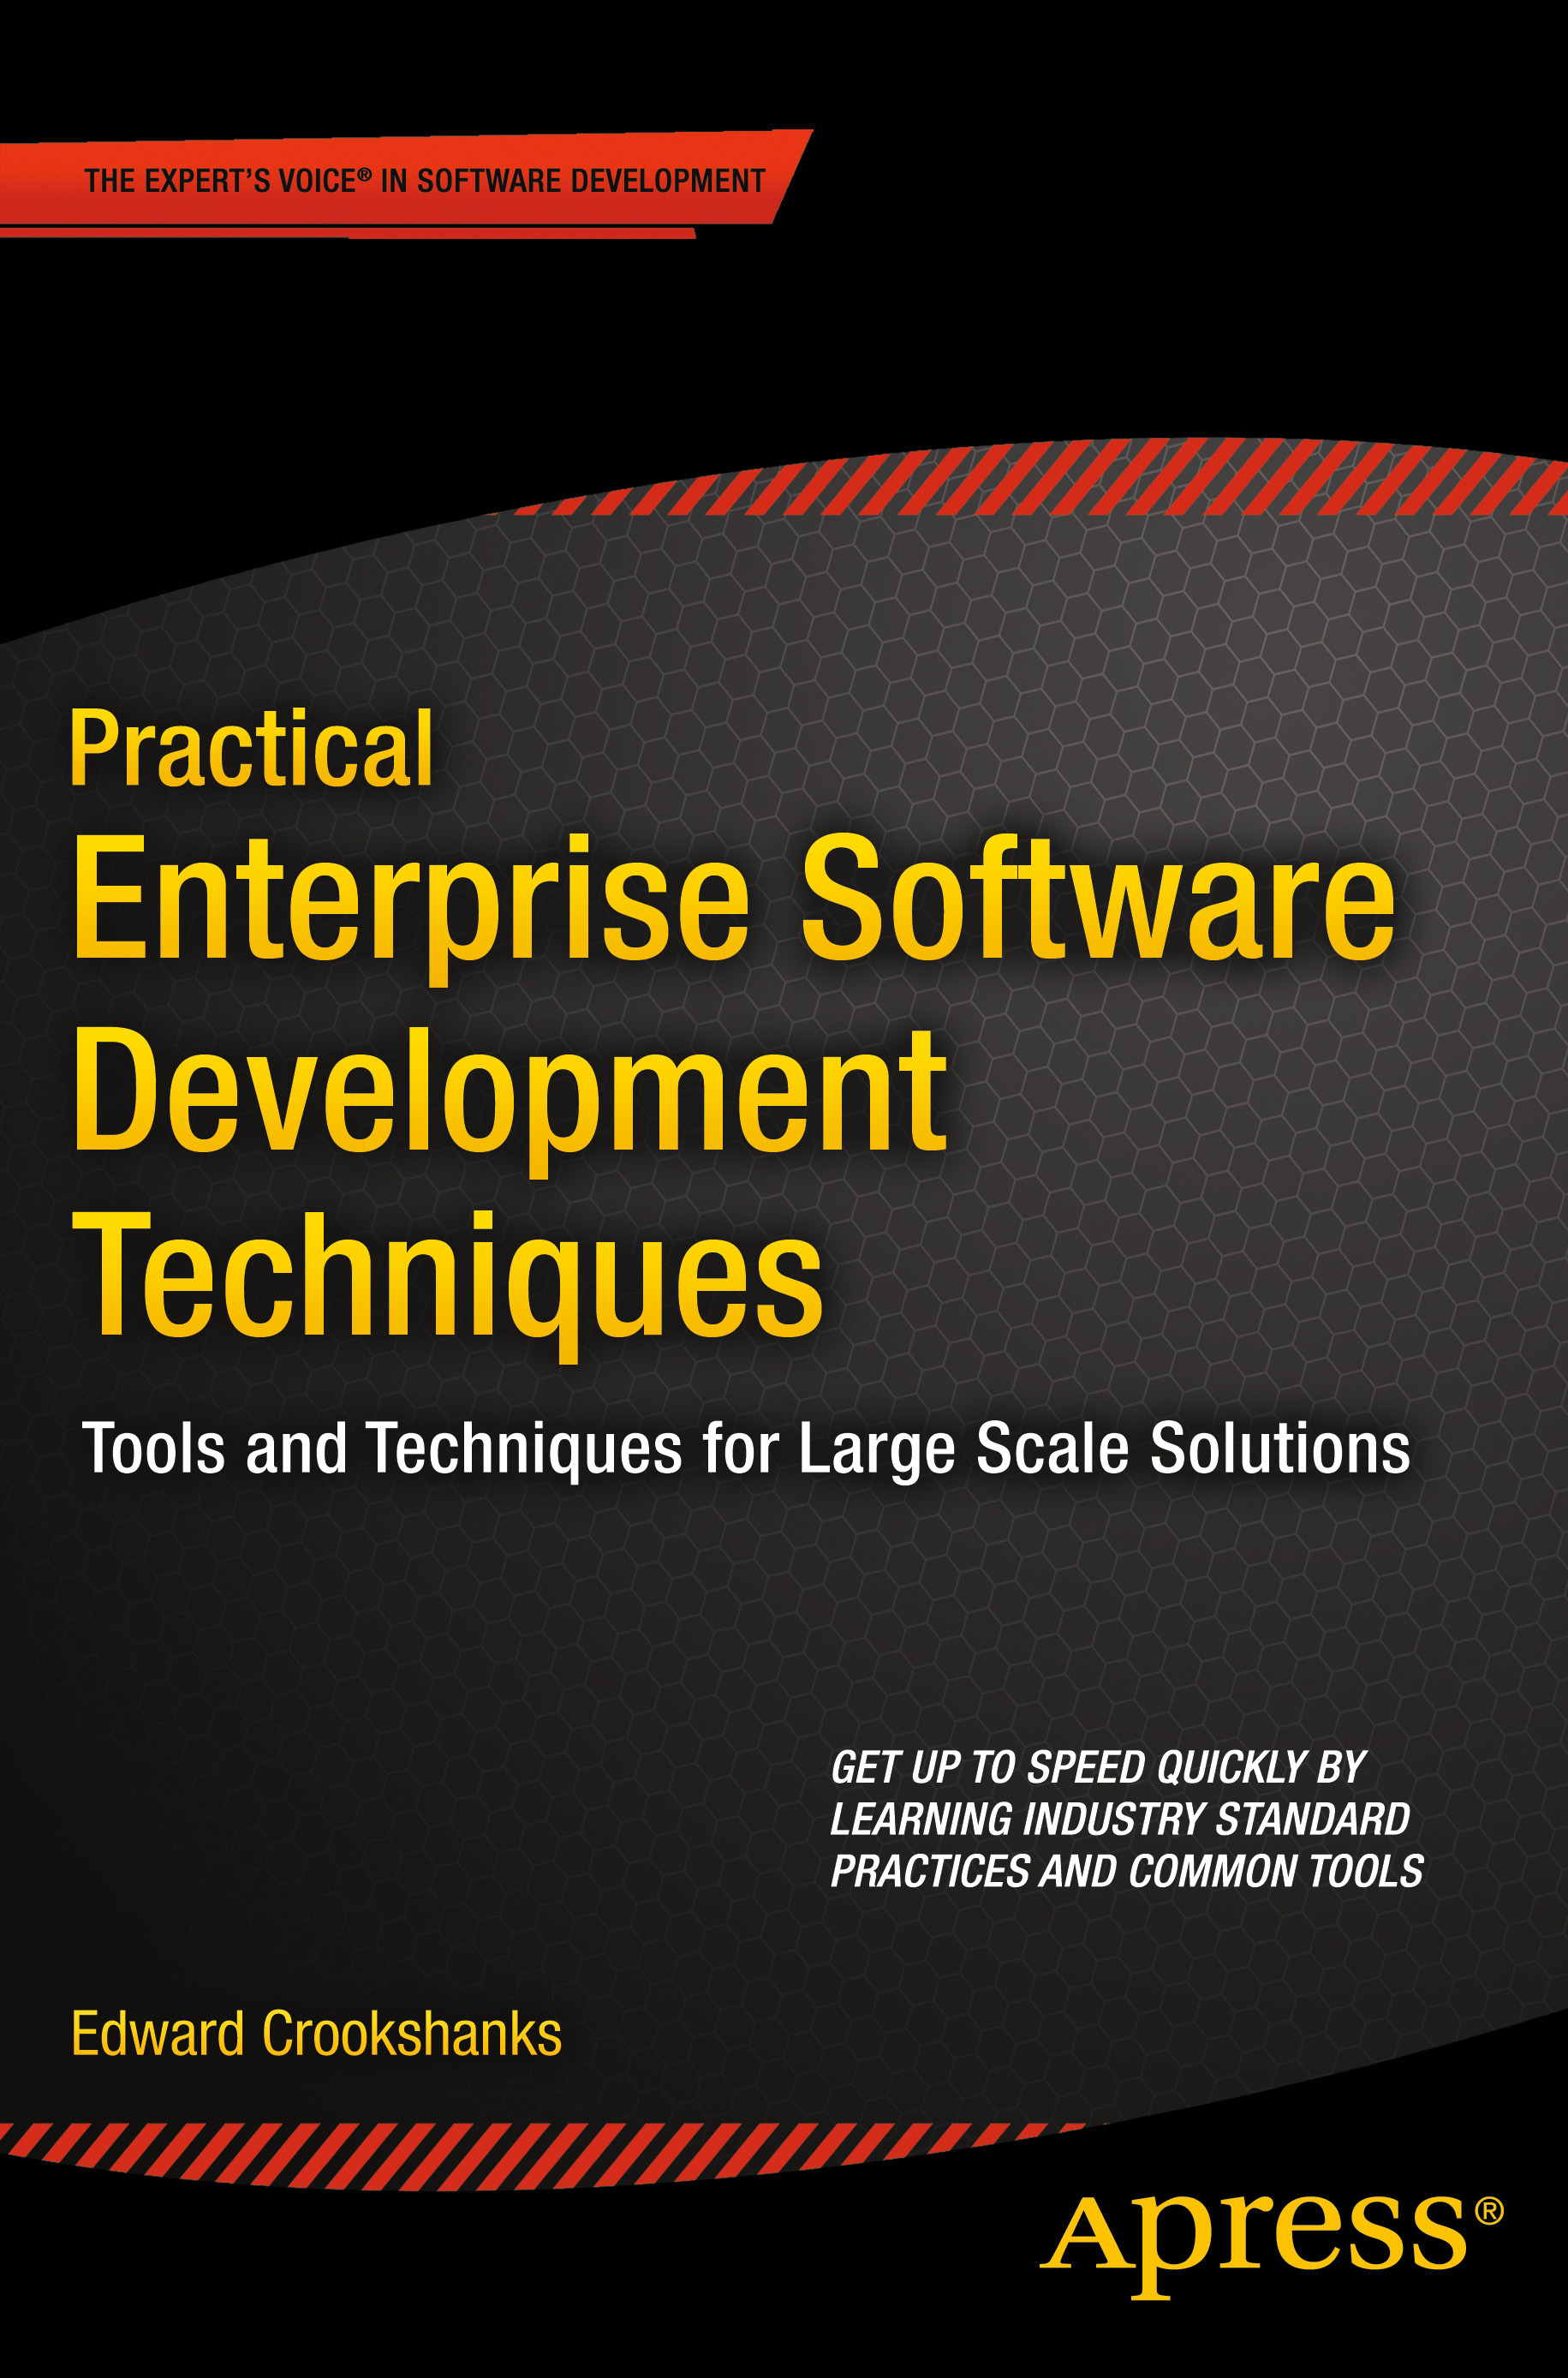 Crookshanks, Edward - Practical Enterprise Software Development Techniques, ebook